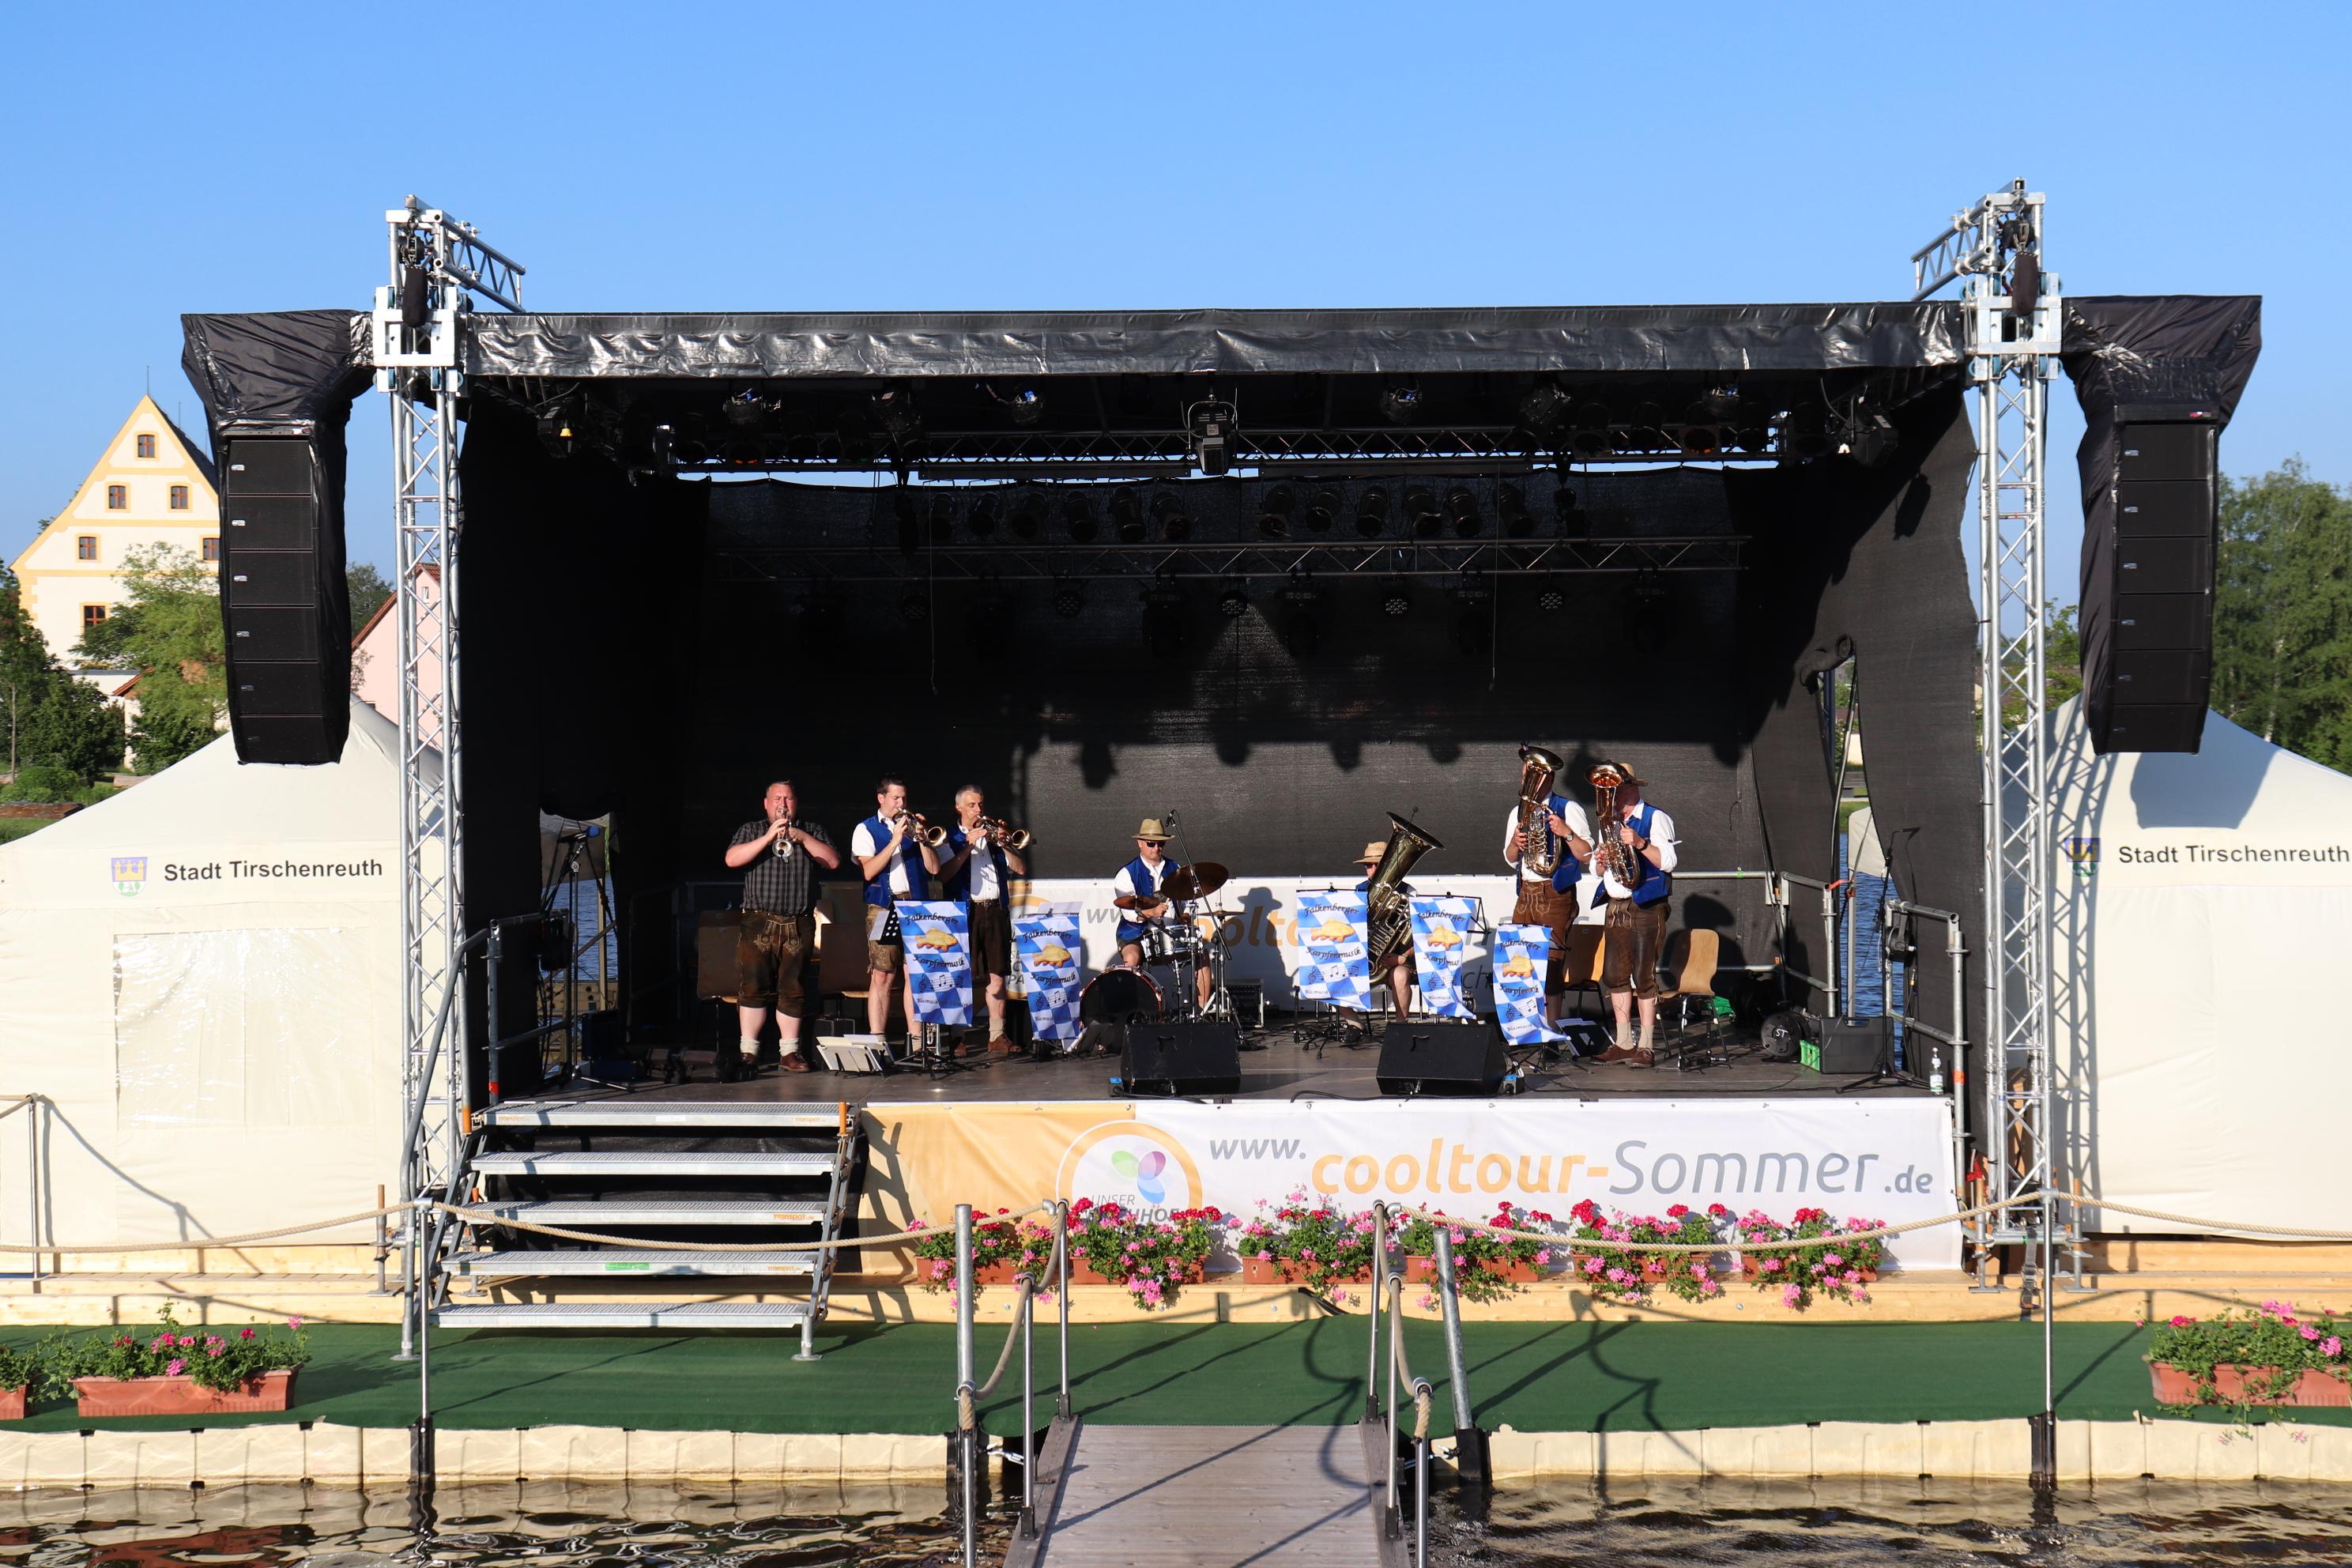 7. Juni 2019 - Eröffnung cooltour-Sommer 2019 Falkenberger Karpfenmusik